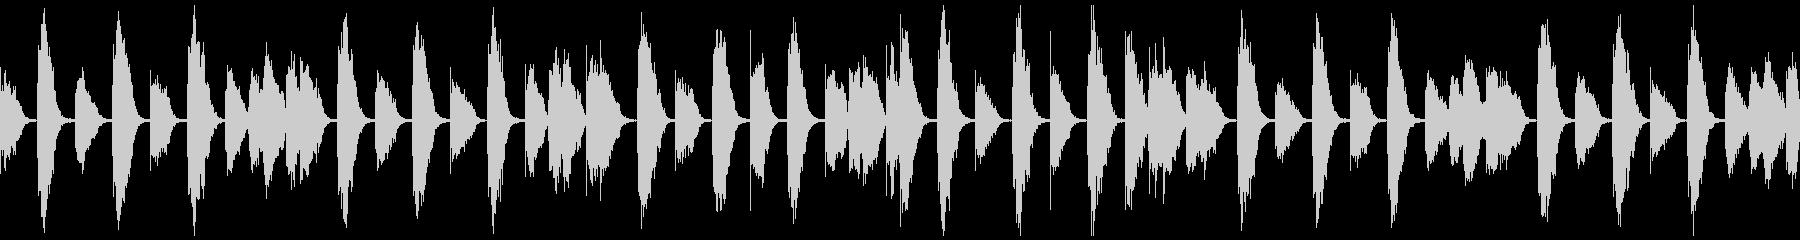 おもしろ動画 犬猫キッズ TikTokの未再生の波形